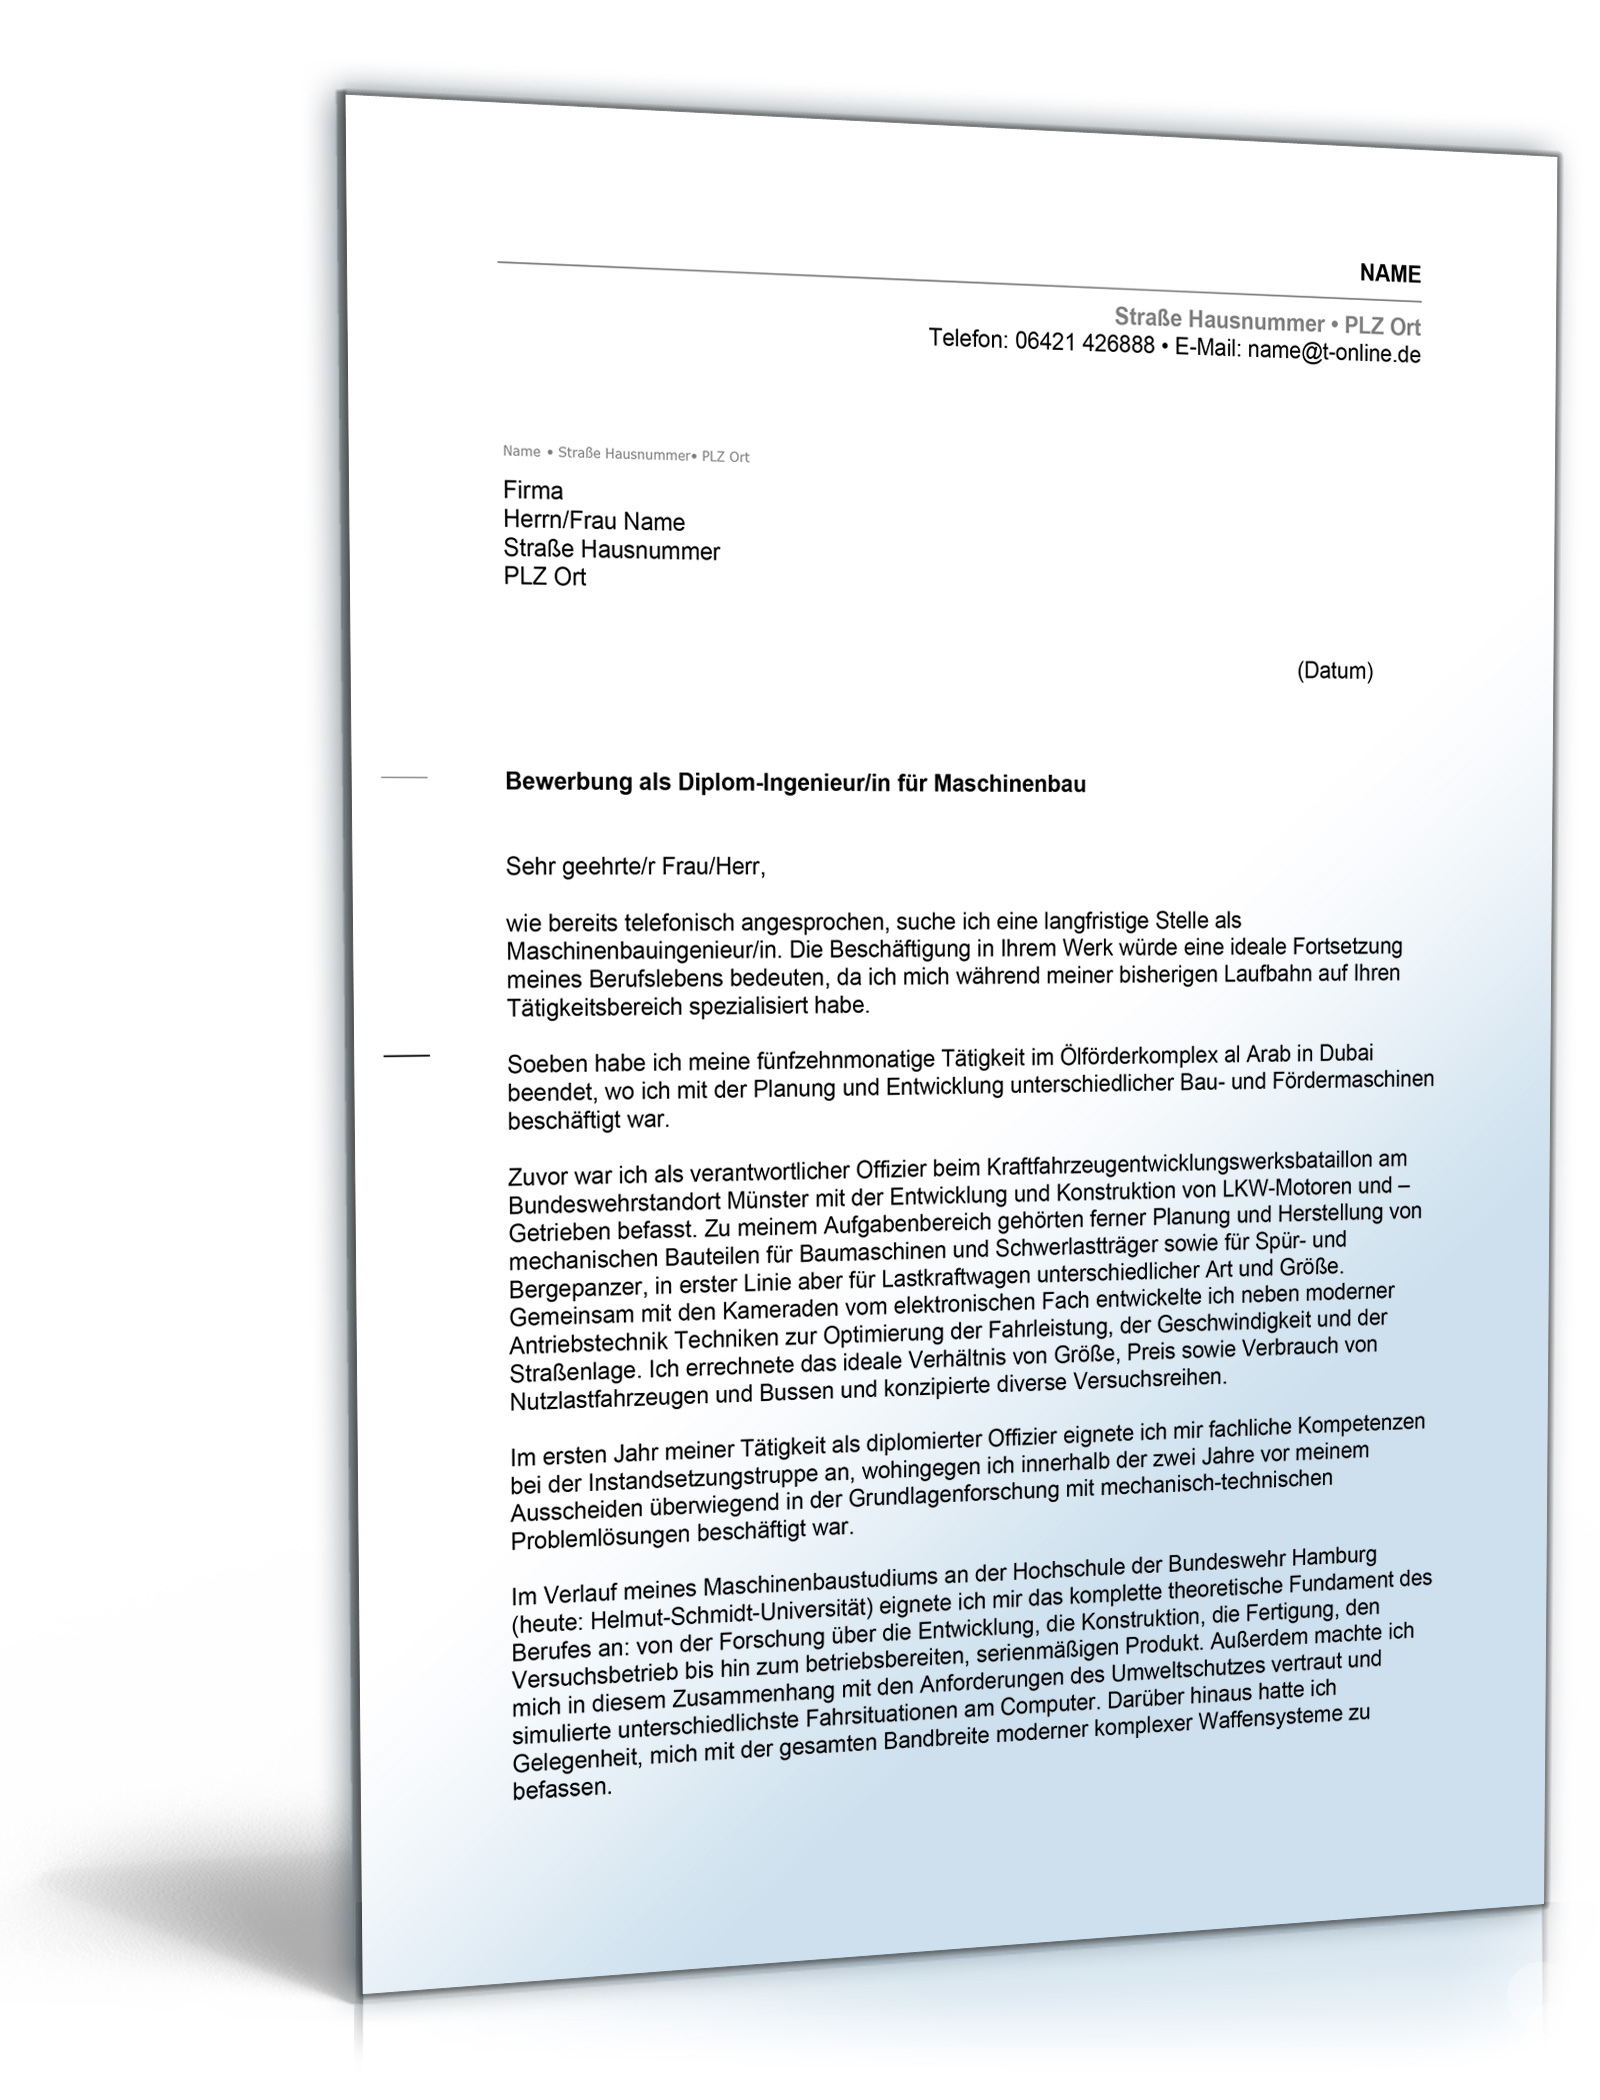 anschreiben bewerbung arbeitsplatz bundeswehr absolvent mit - Bewerbung Bundeswehr